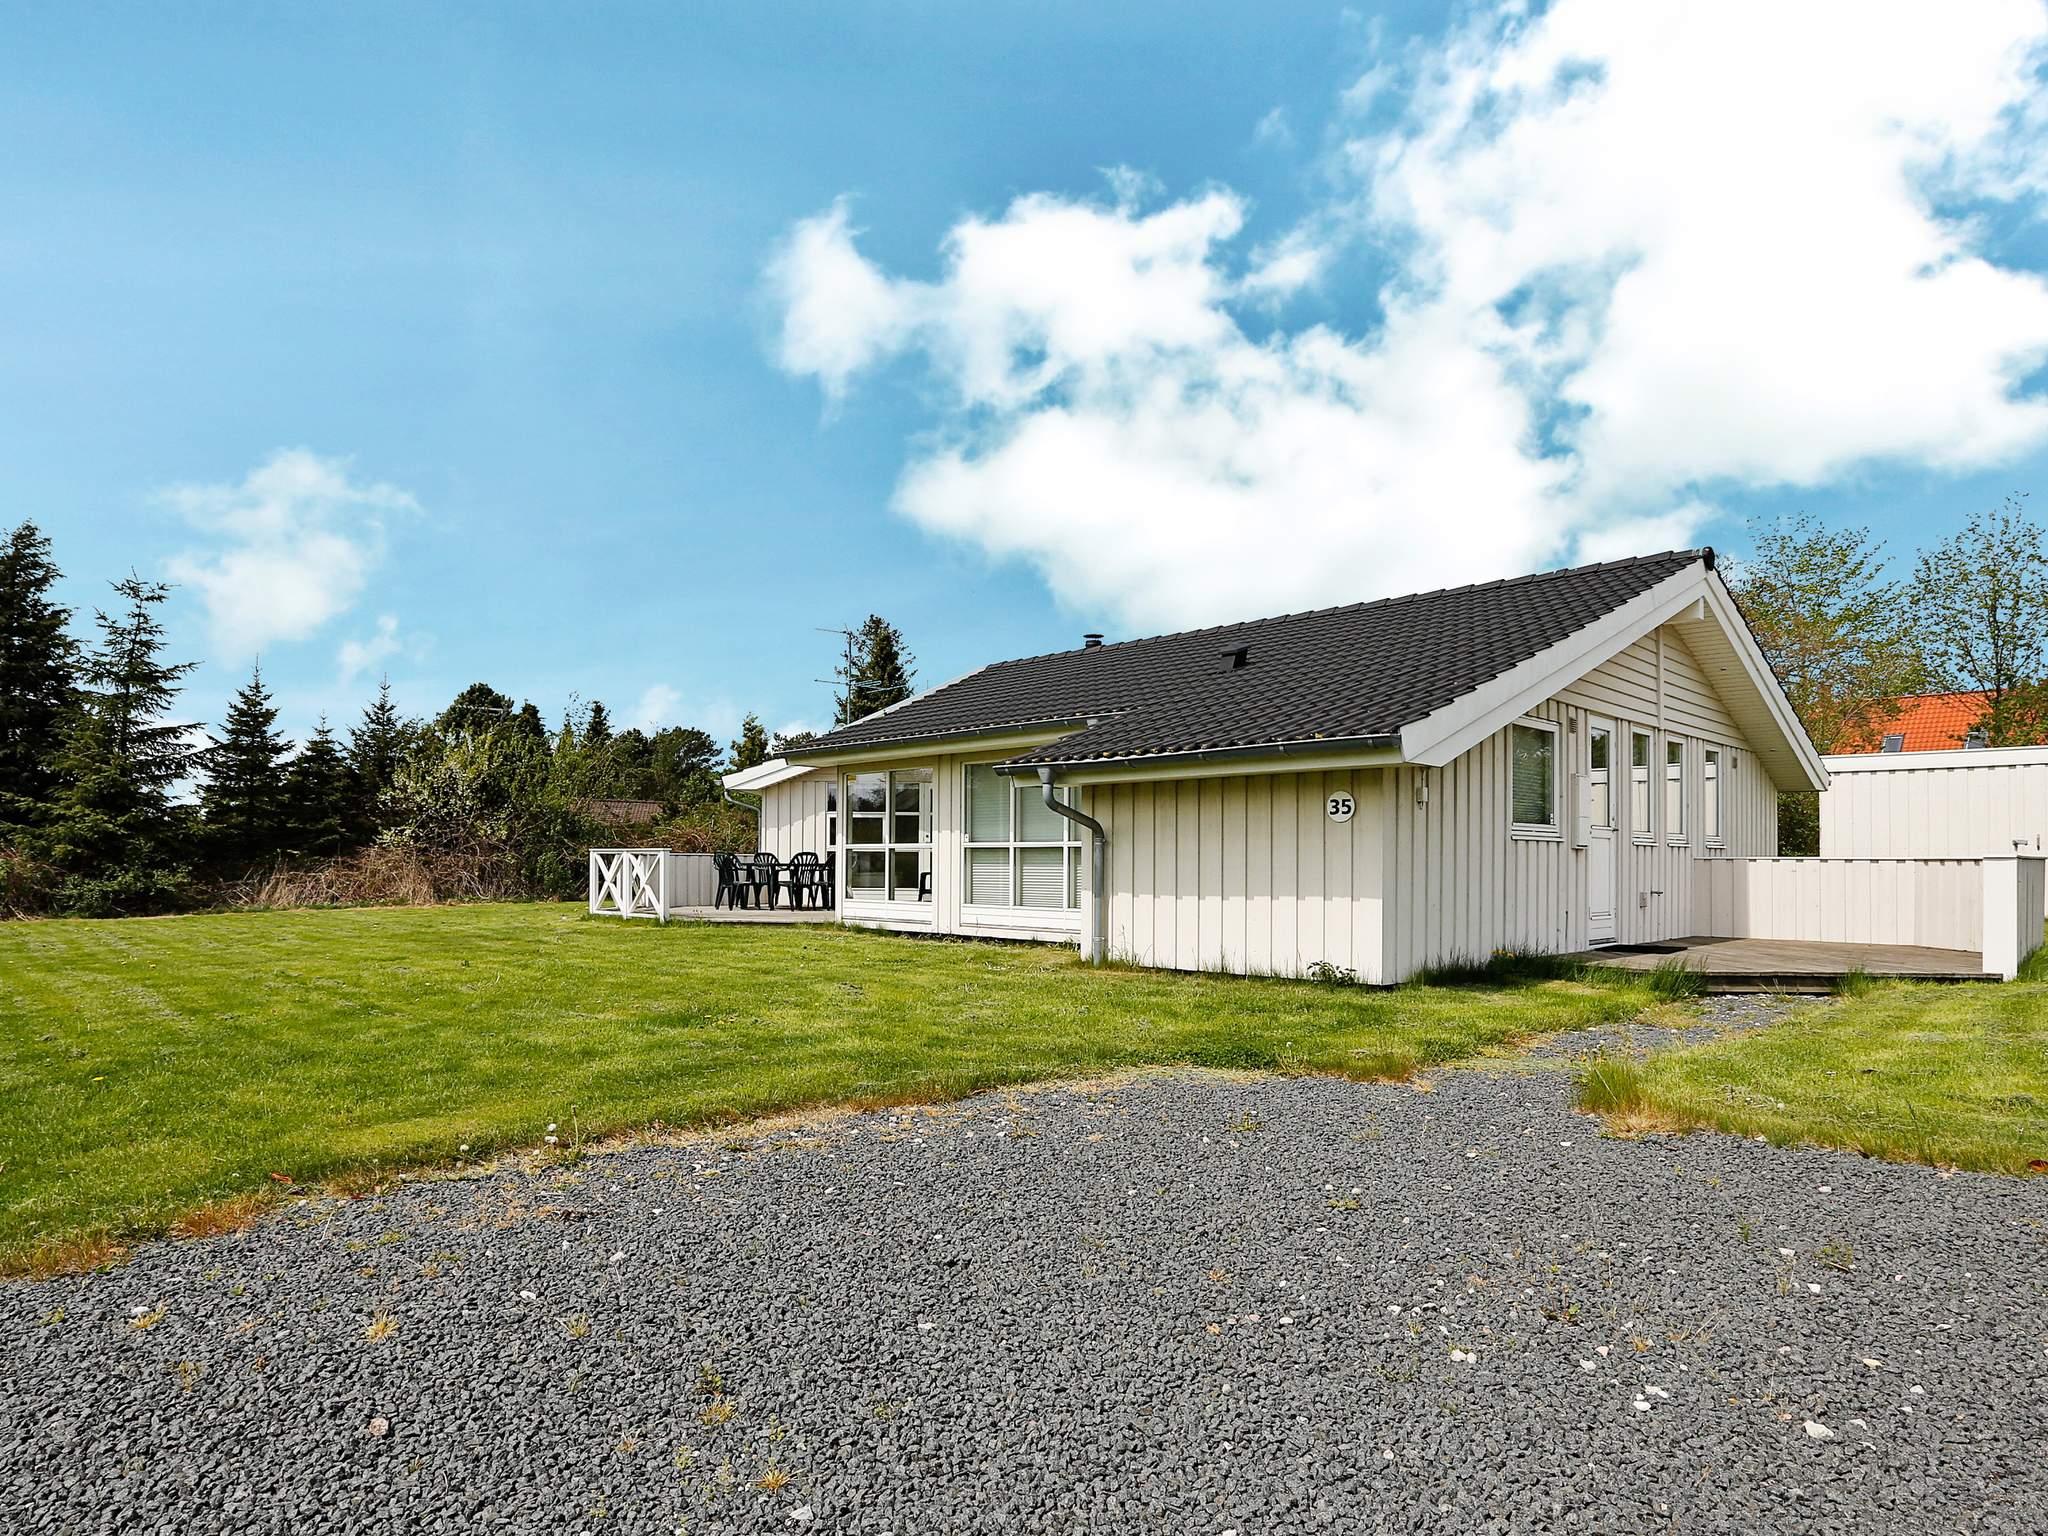 Ferienhaus Udsholt Strand (135446), Gilleleje, , Nordseeland, Dänemark, Bild 19